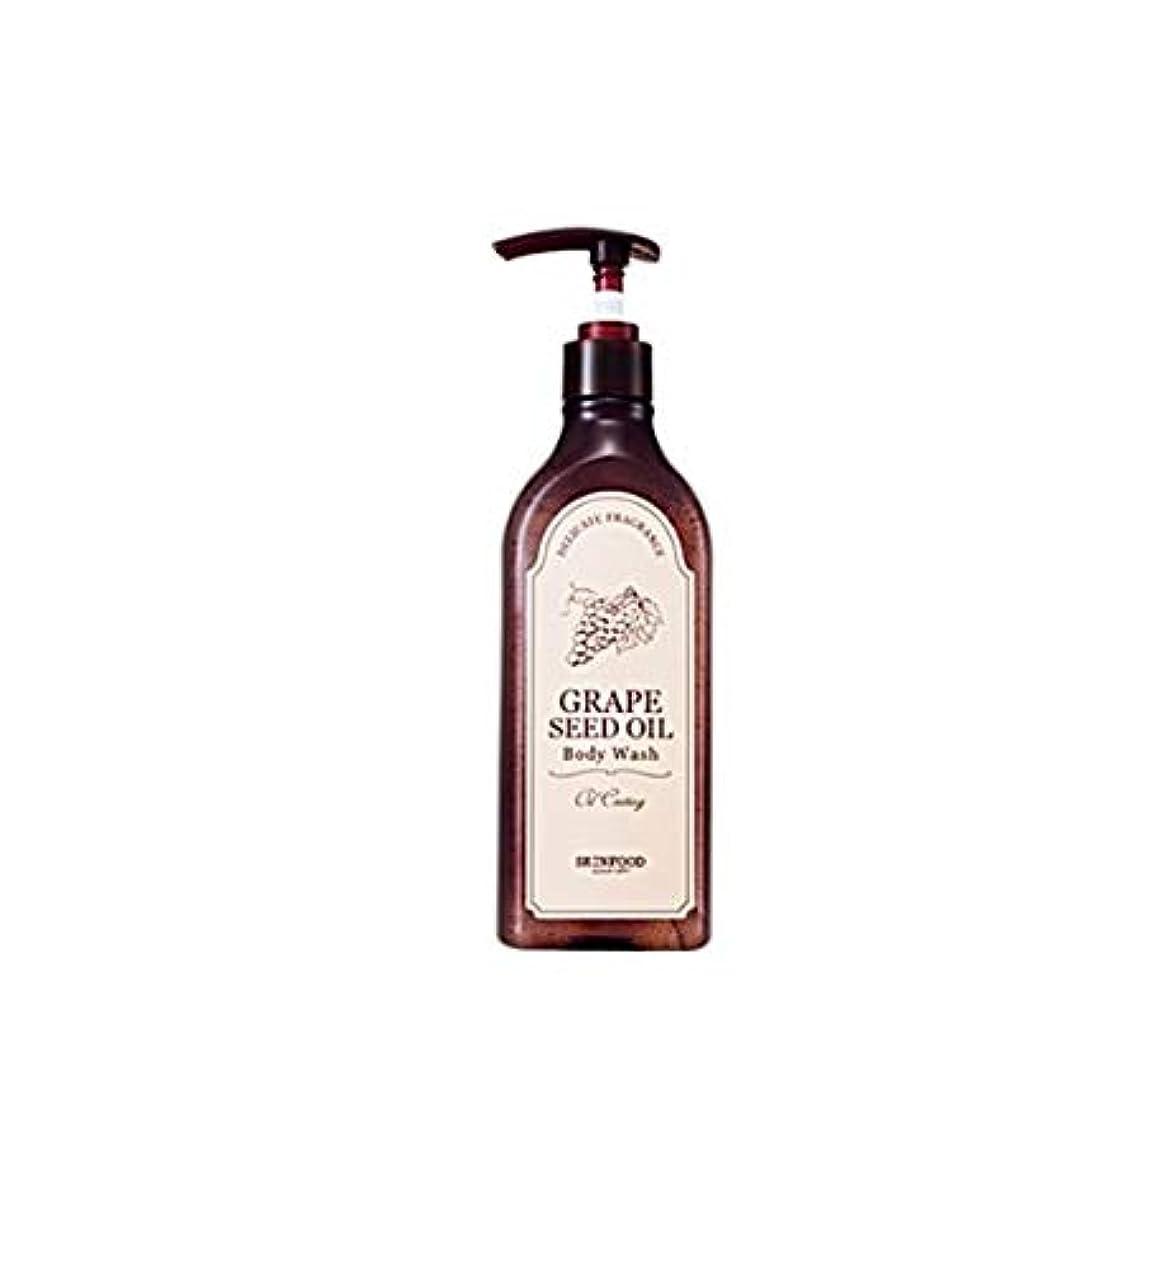 私達ピクニックをする天気Skinfood グレープシードオイルボディウォッシュ/Grape Seed Oil Body Wash 335ml [並行輸入品]